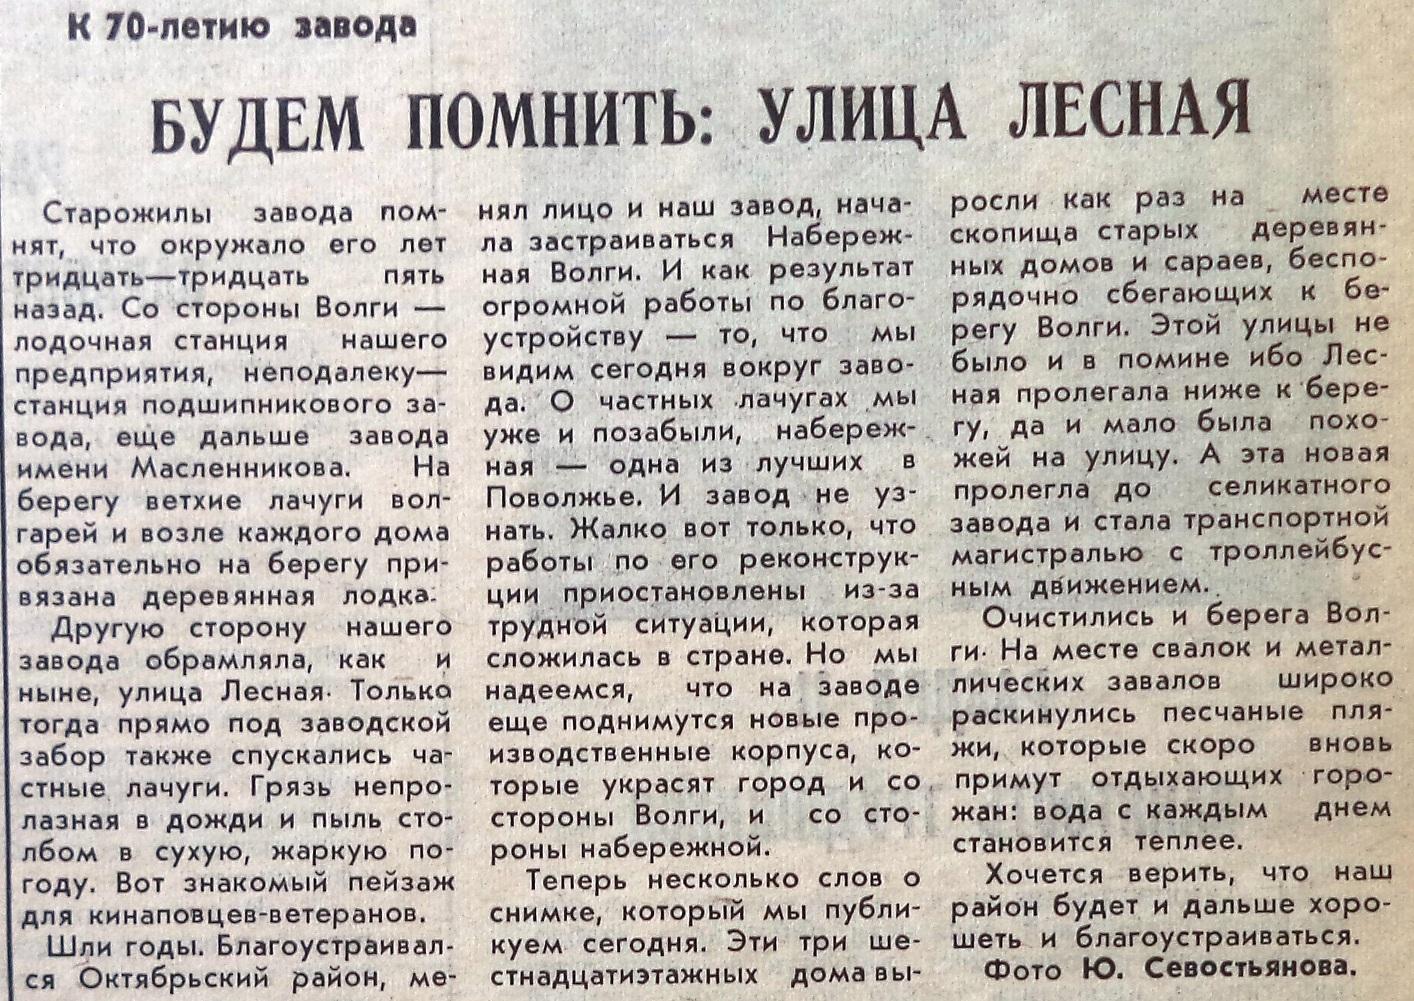 ФОТО-Лесная-15-Проектор-1992-26 мая